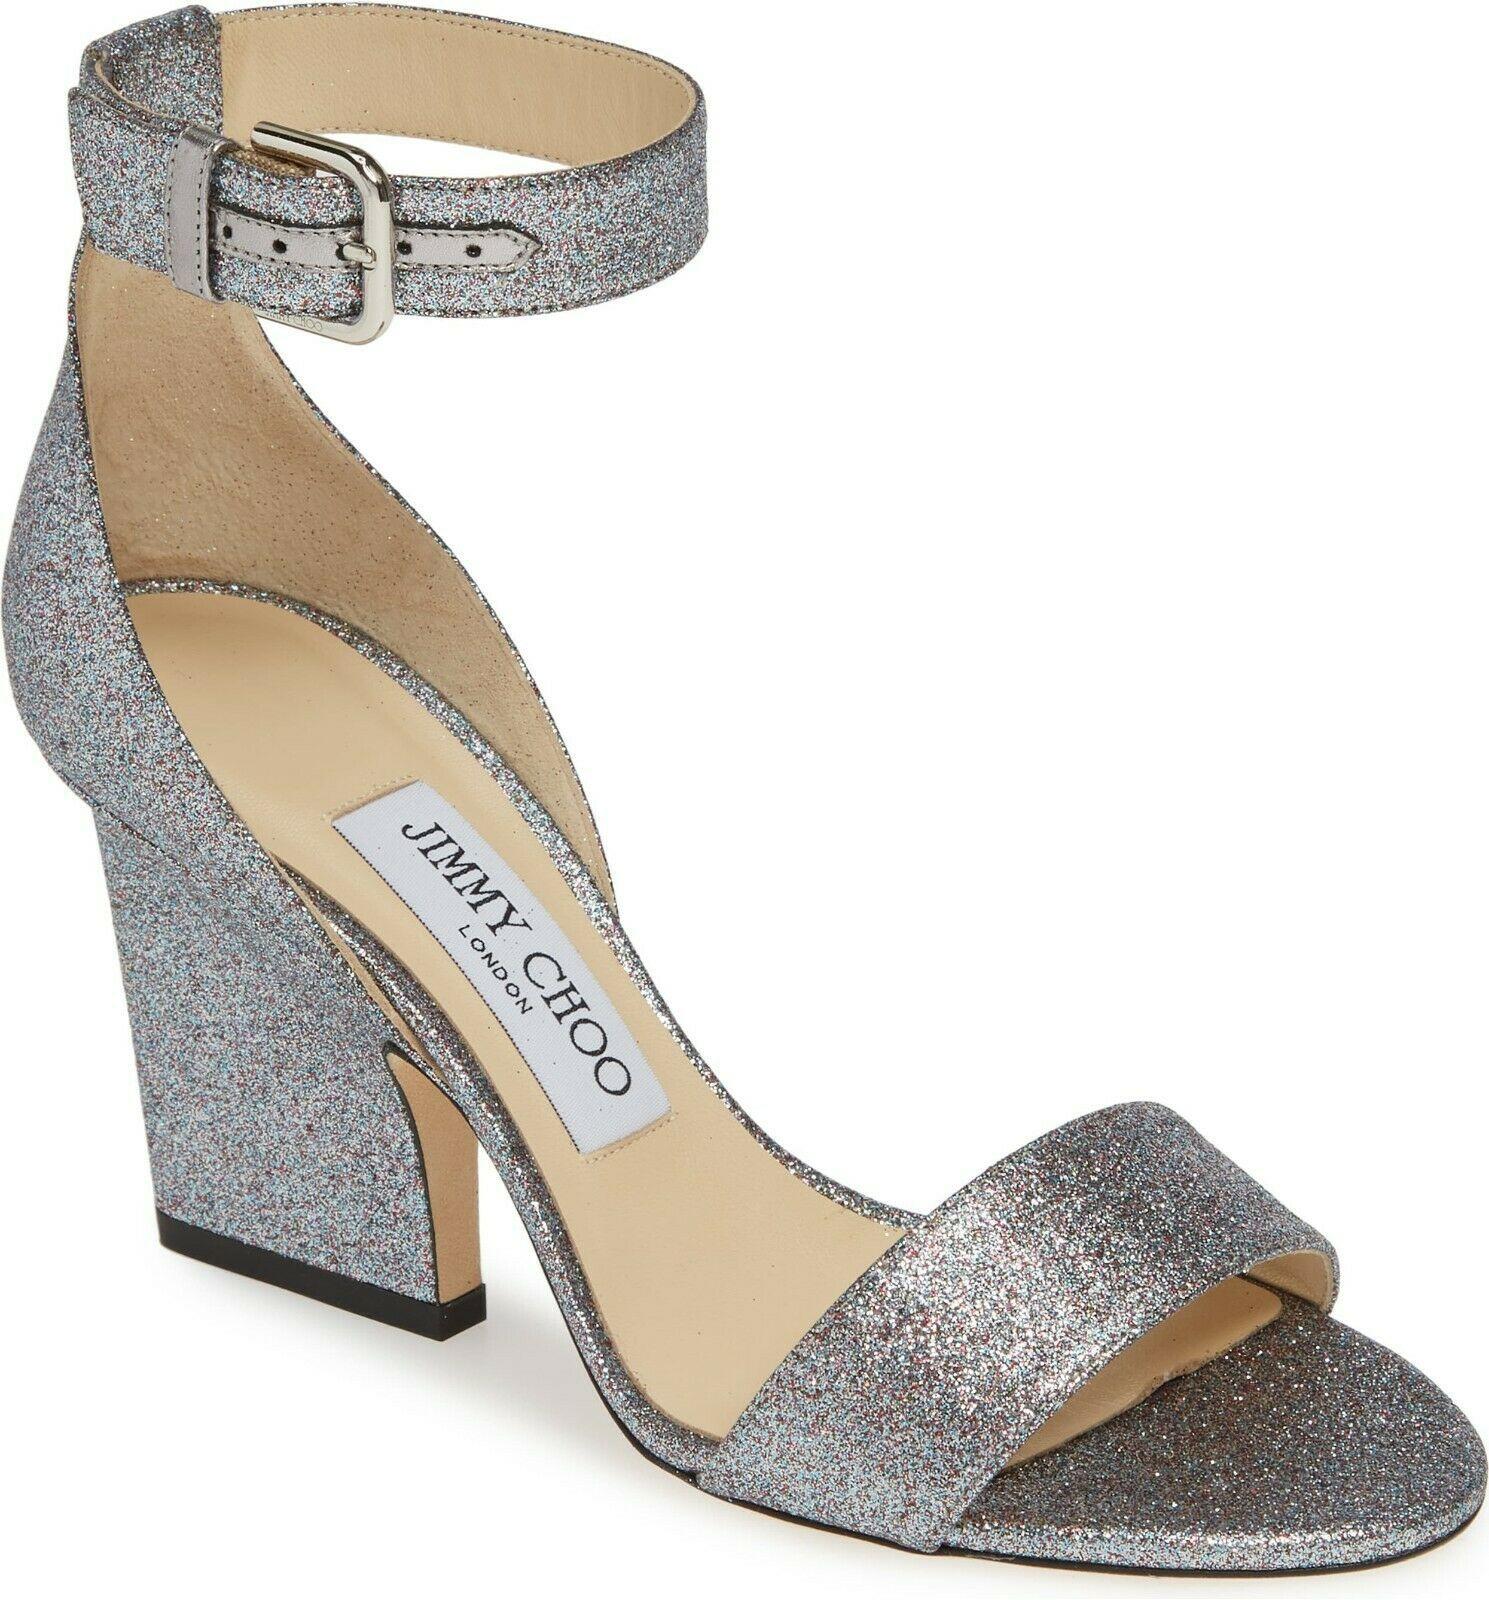 Jimmy Choo Edina Ankle Strap Sandal Size 38 MSRP: $695.00